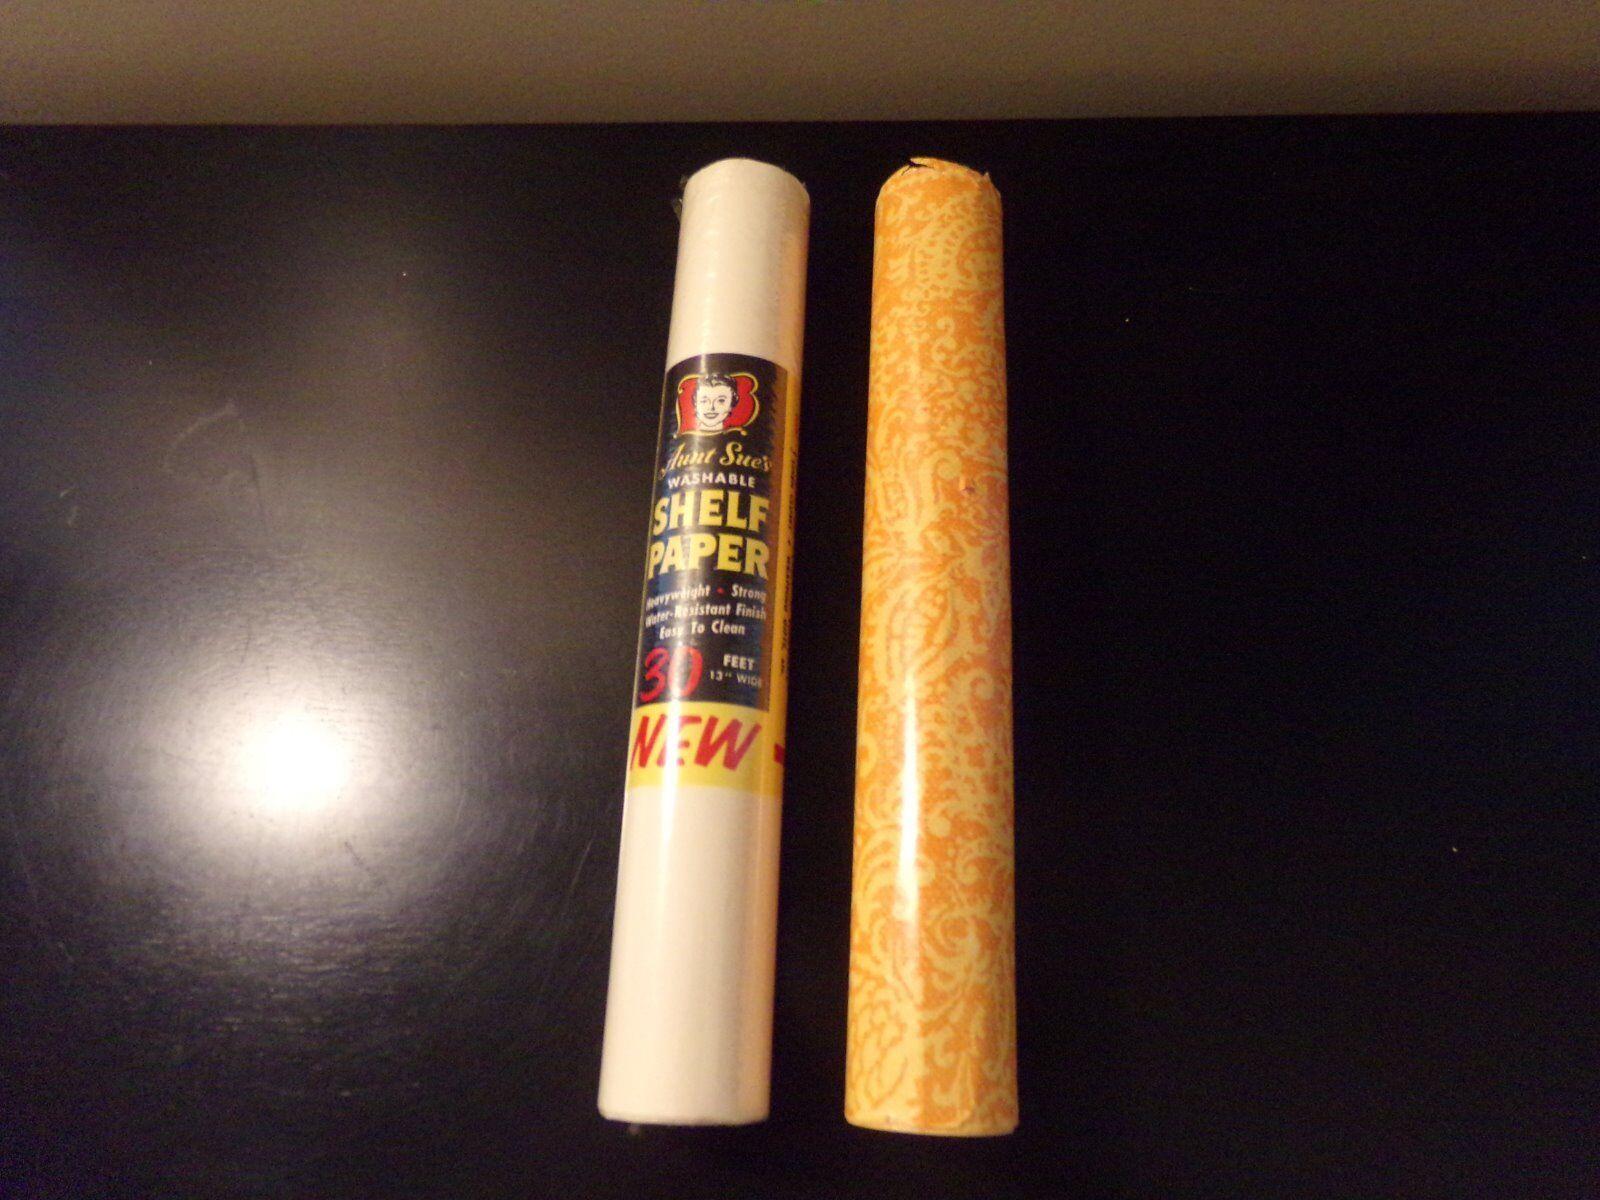 2 vintage rouleaux de papier paquebot années 1950 & années 1970 tante Sue 37 FT (environ 11.28 m) total Scellé